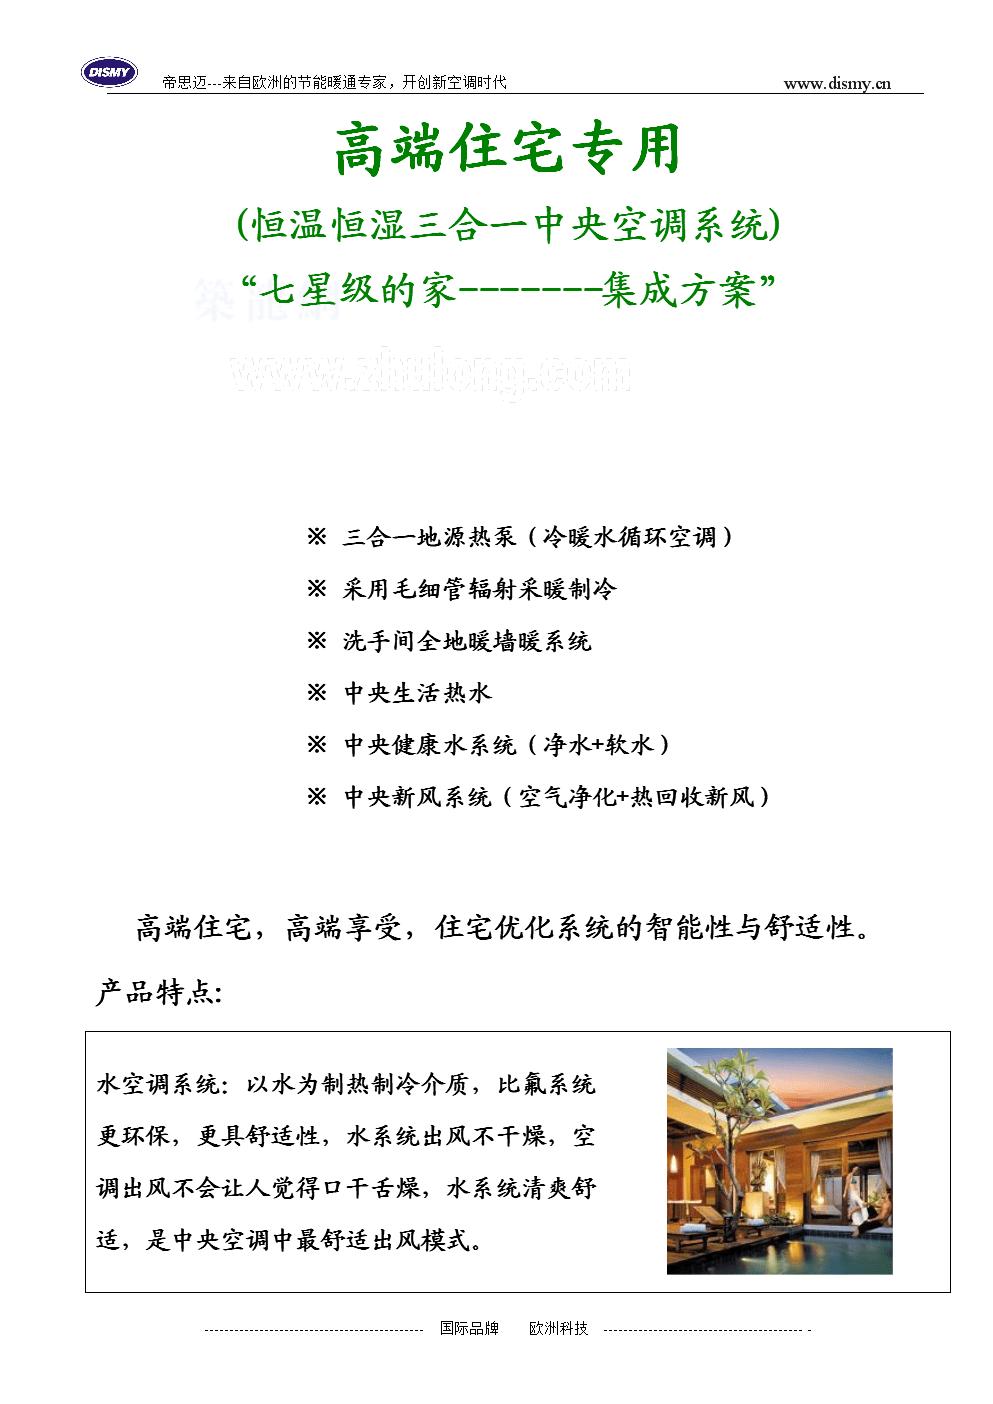 高档住宅中央空调.doc